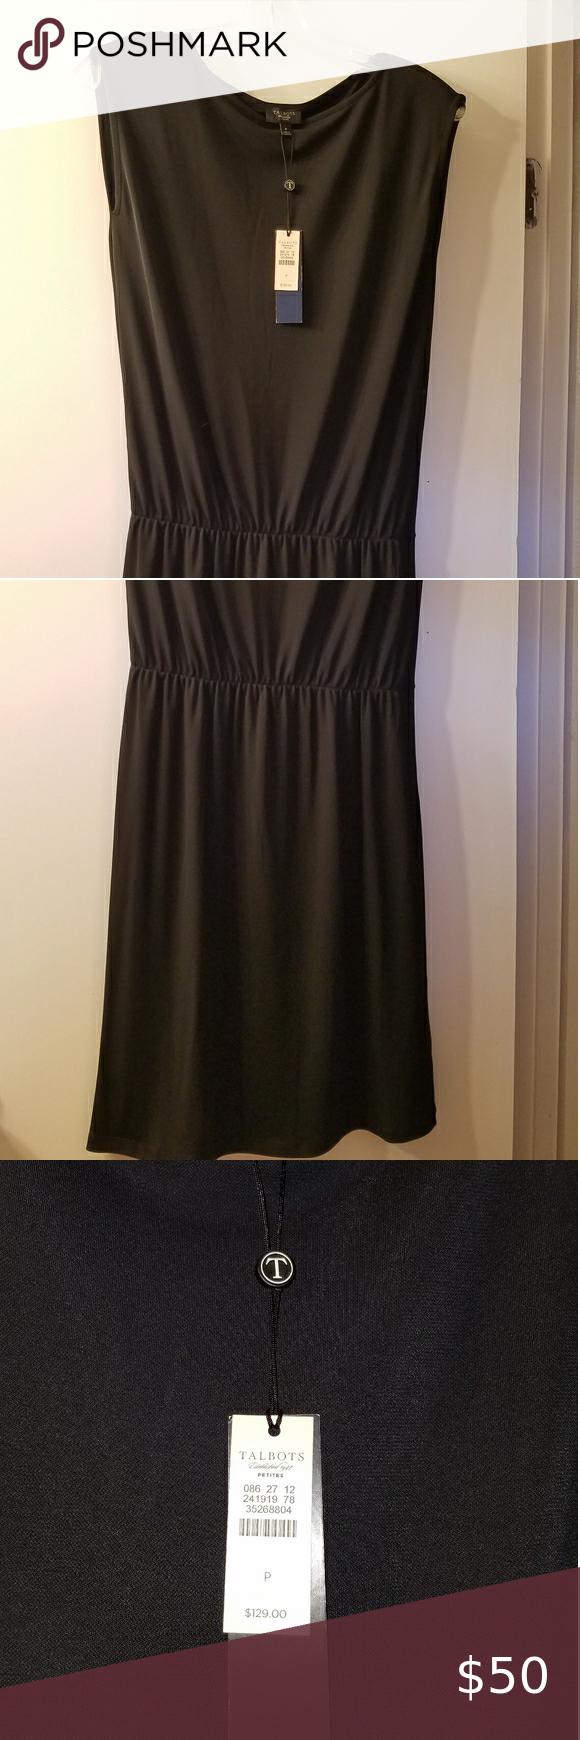 Nwt Talbots Black Dress Size P Talbots Dress Dresses Black Dress [ 1740 x 580 Pixel ]